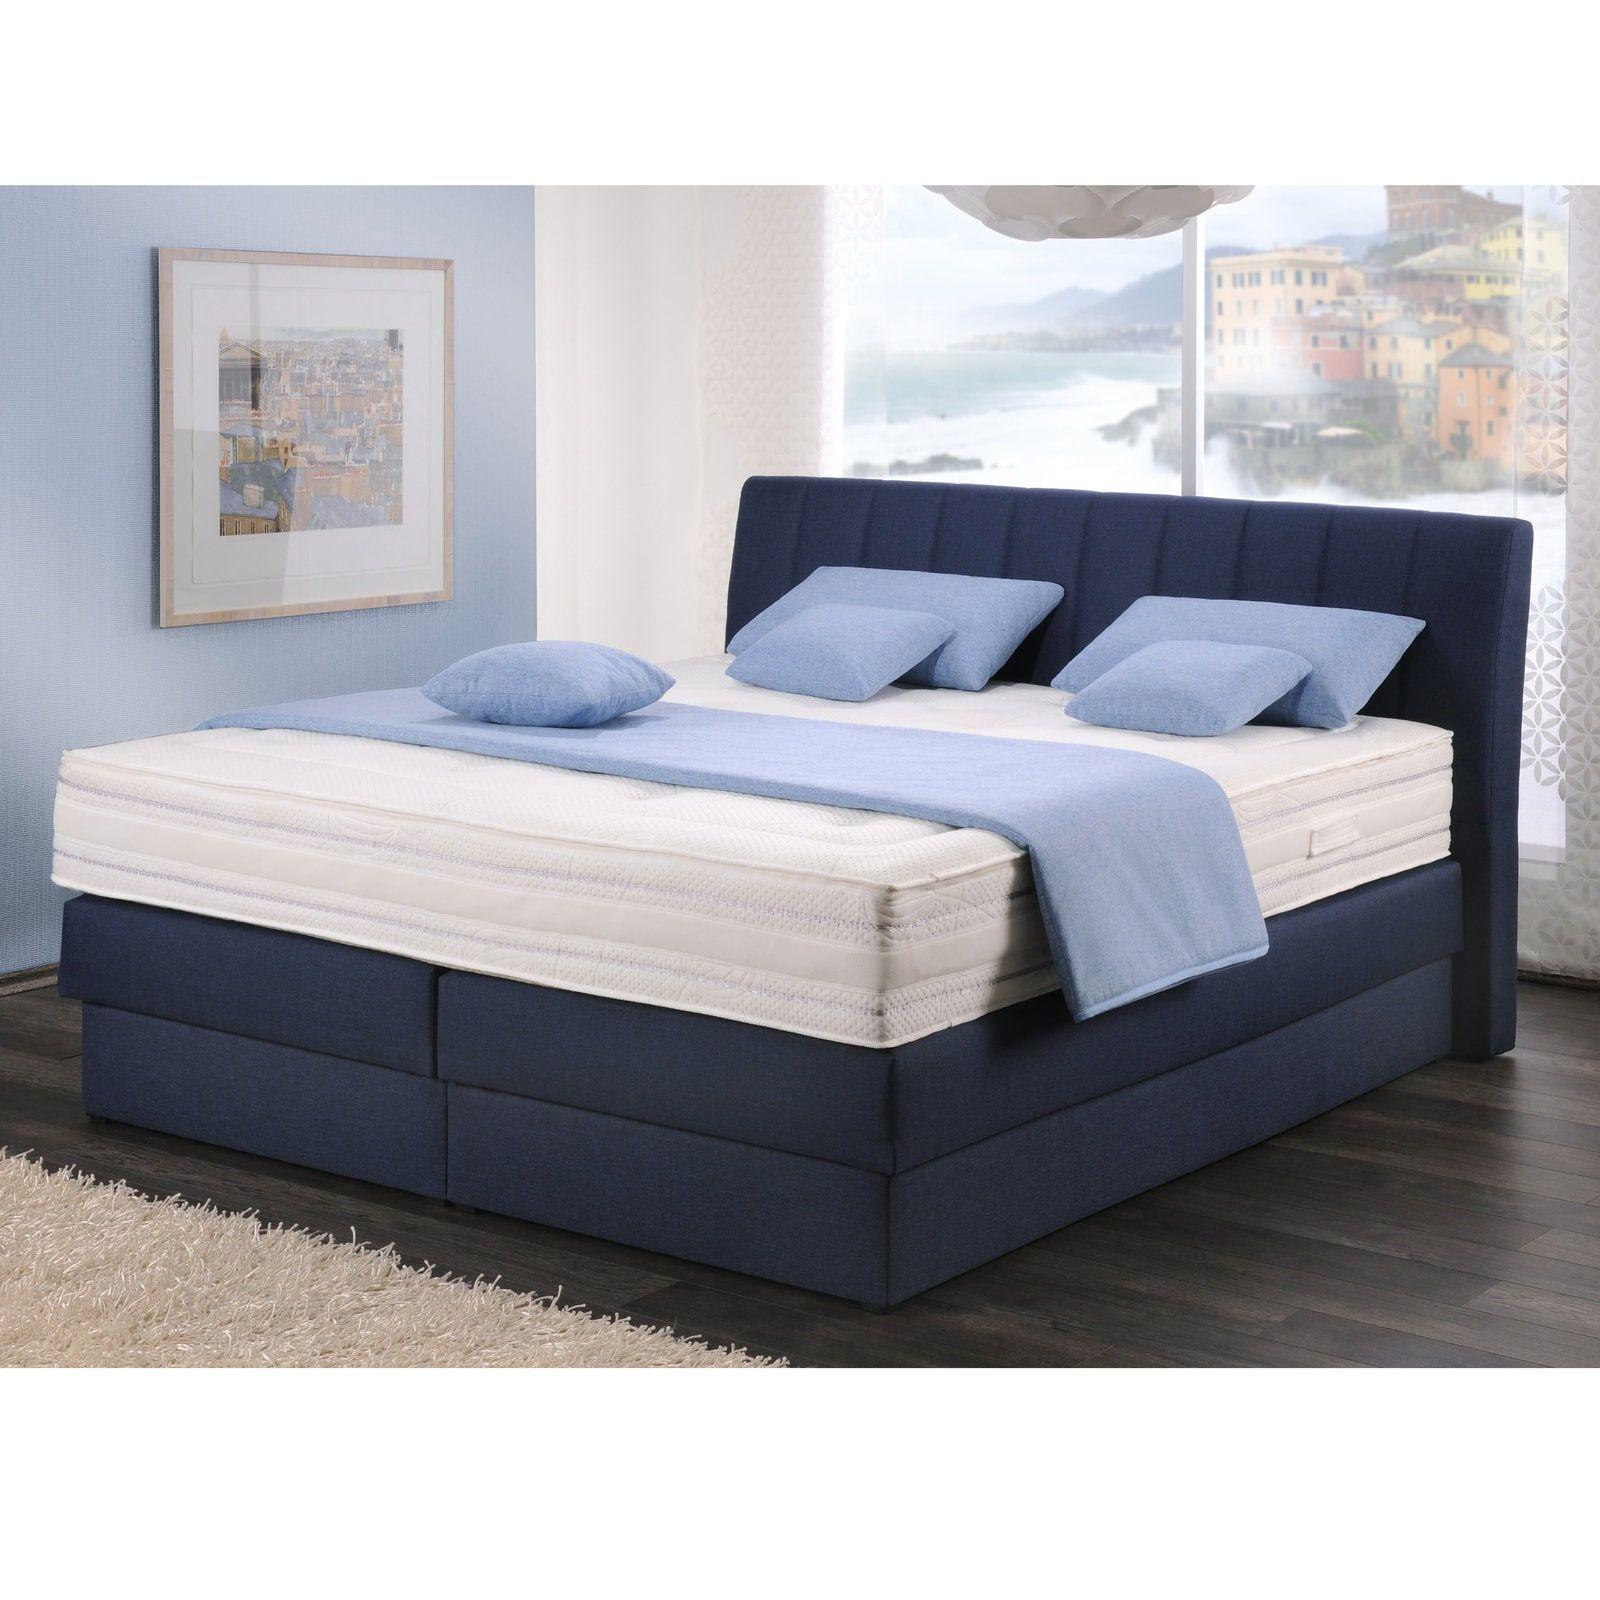 Pin Von Mobel Roller Auf Schlafen Betten Bett Boxspringbett Blau